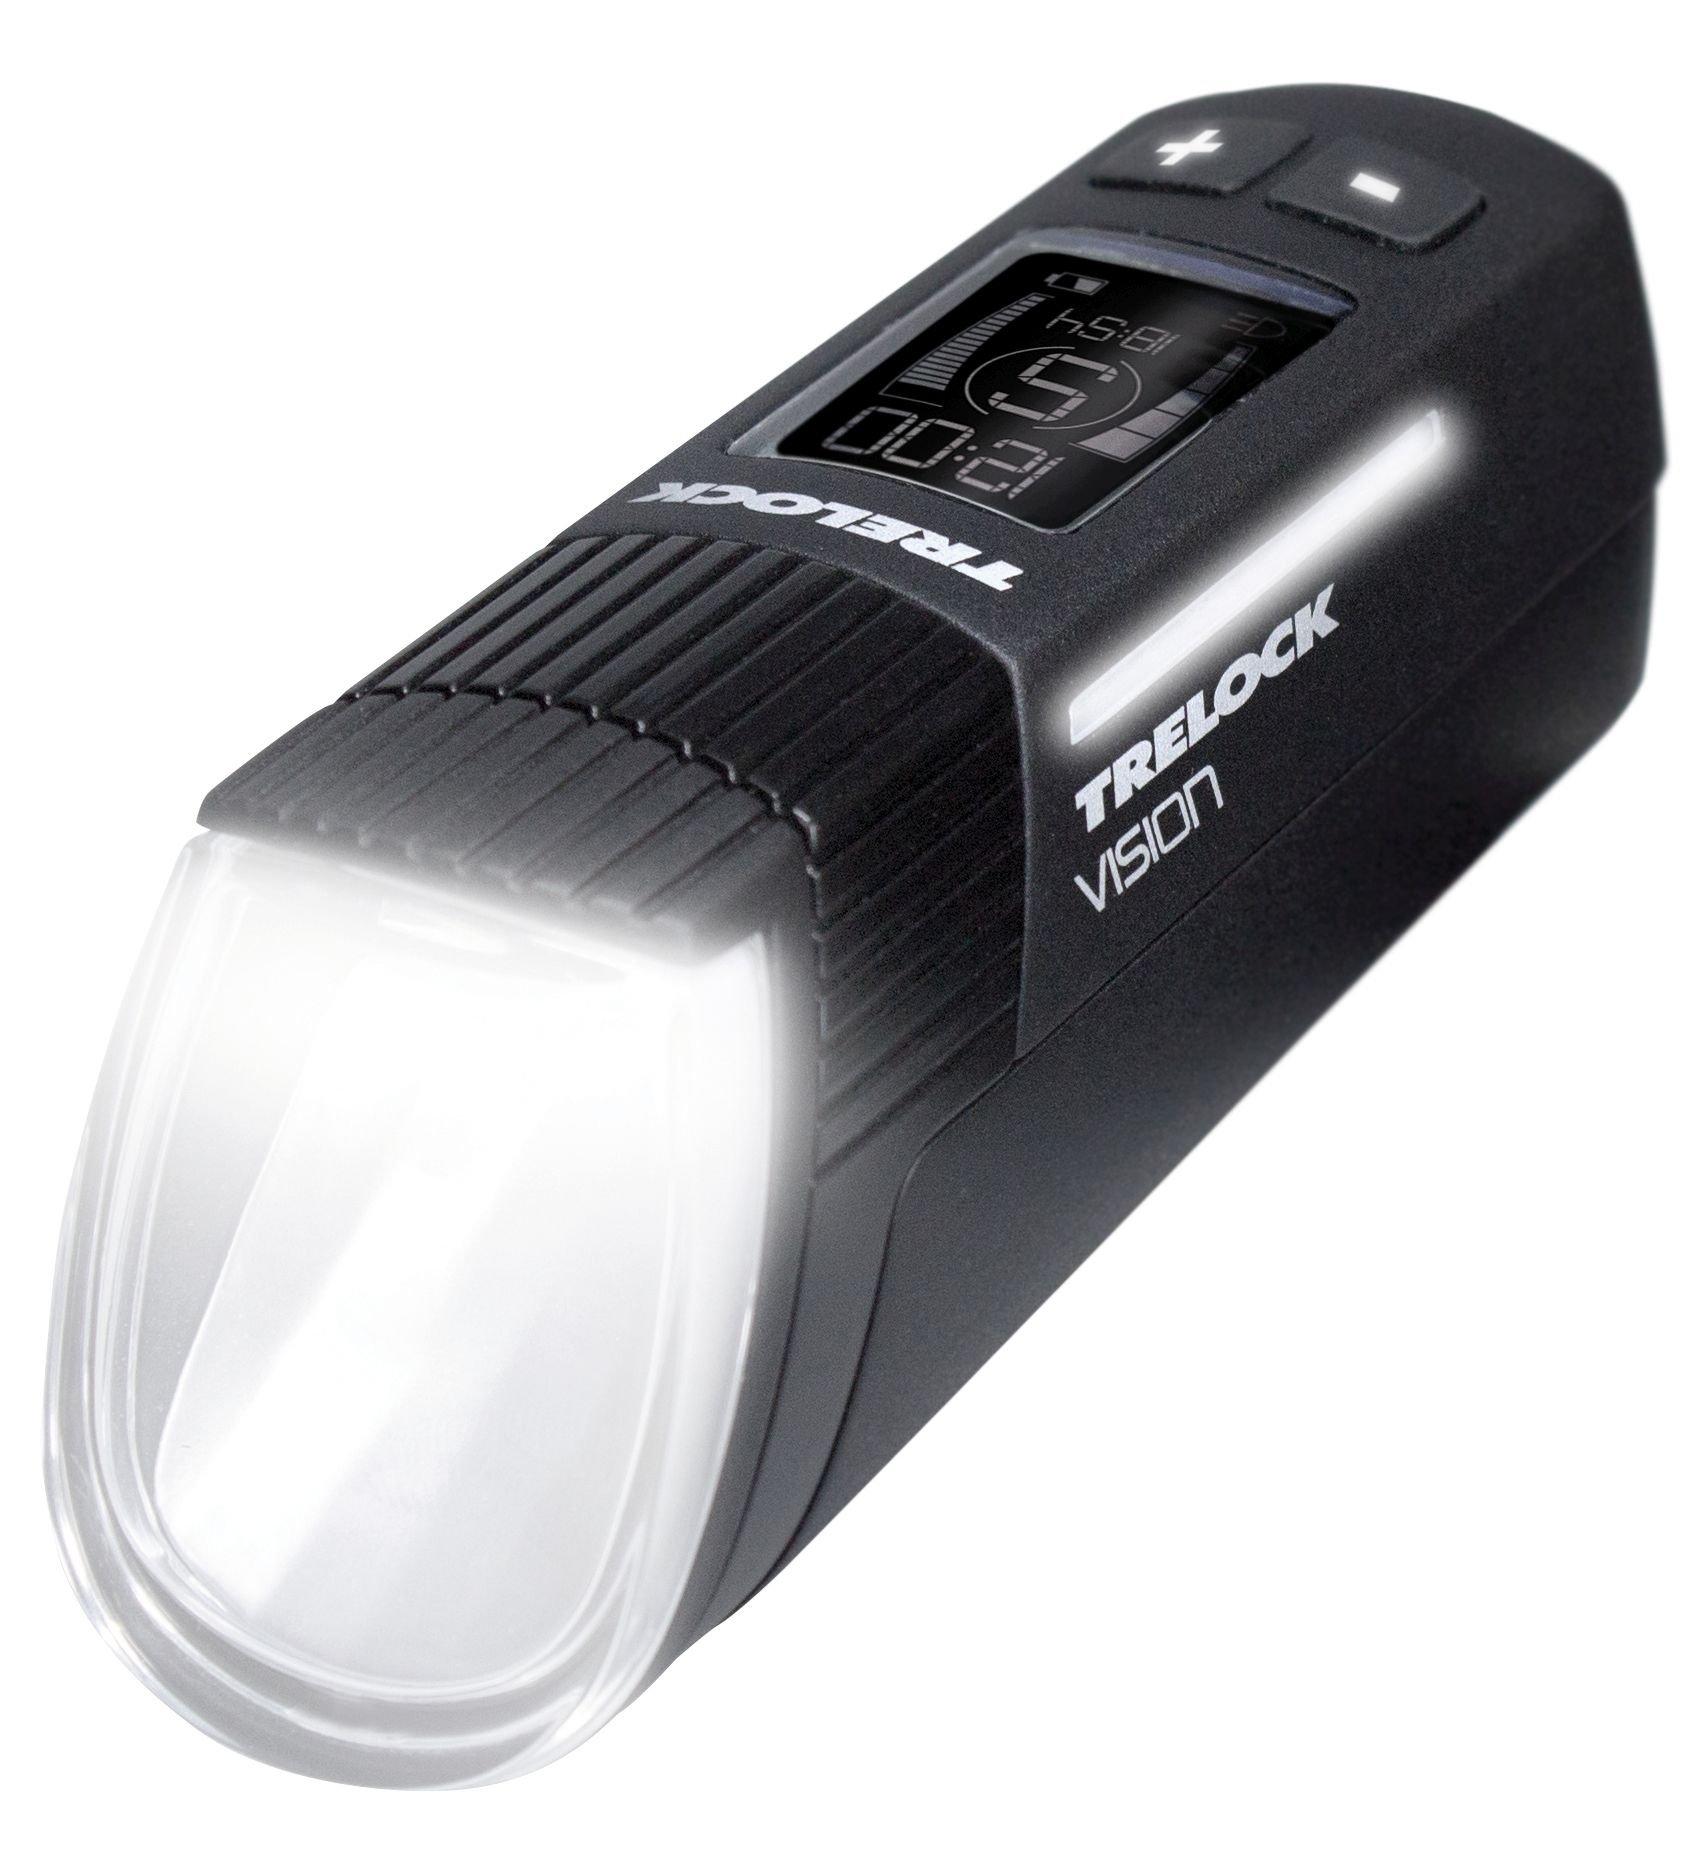 batterielicht vorne/Beleuchtung: Trelock  Akku-Frontleuchte LS760-I-GO